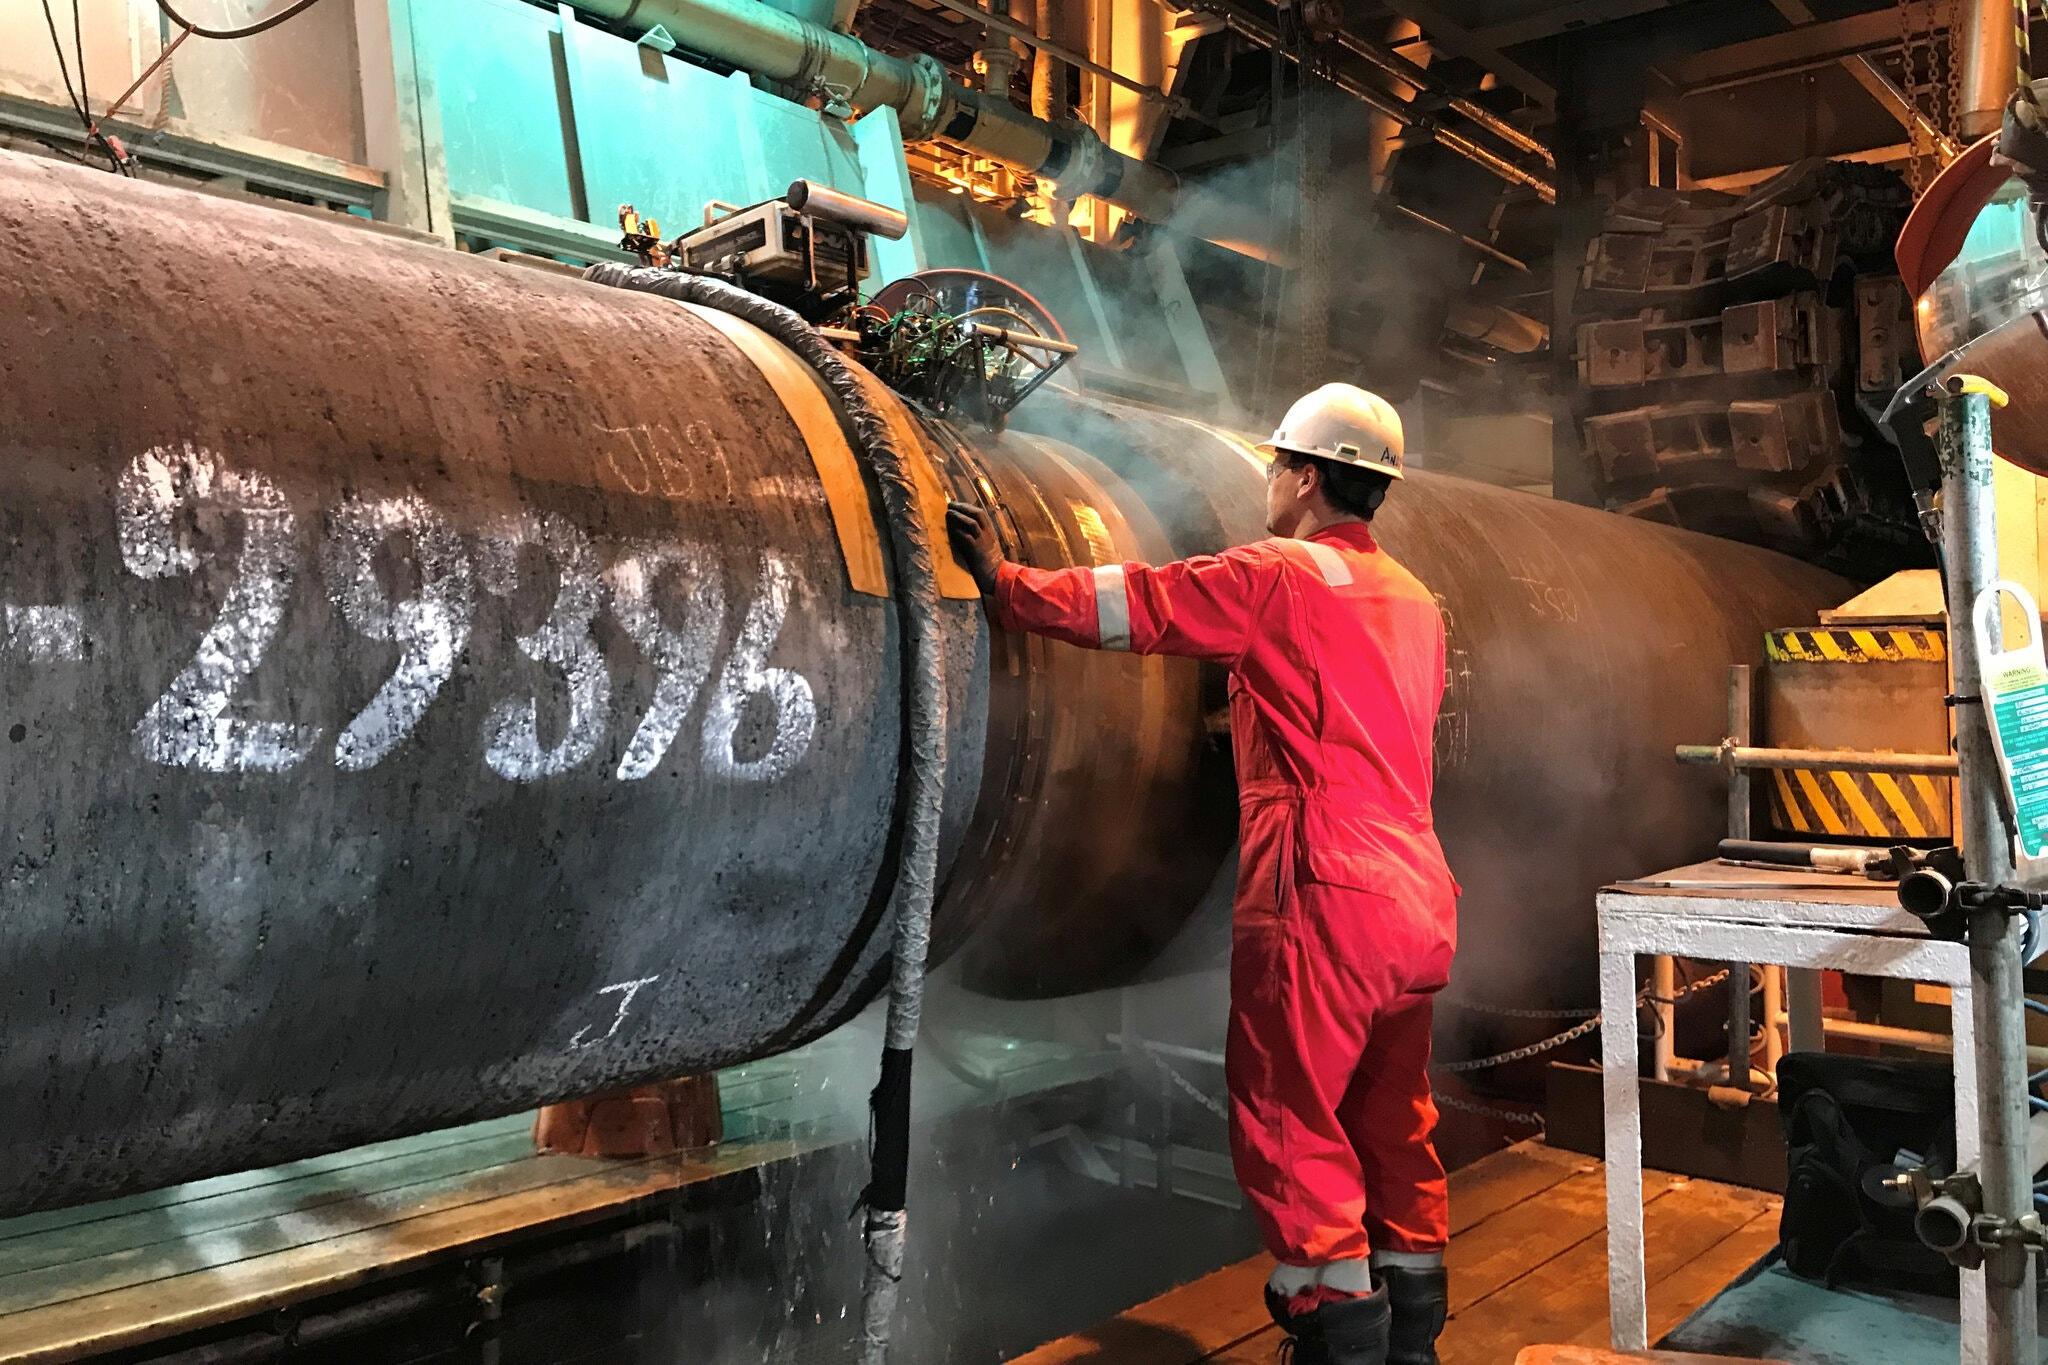 جزء من خط أنابيب غاز نورد ستريم 2 على متن سفينة مد أنابيب تديرها شركة Allseas (سويسرية- هولندية)